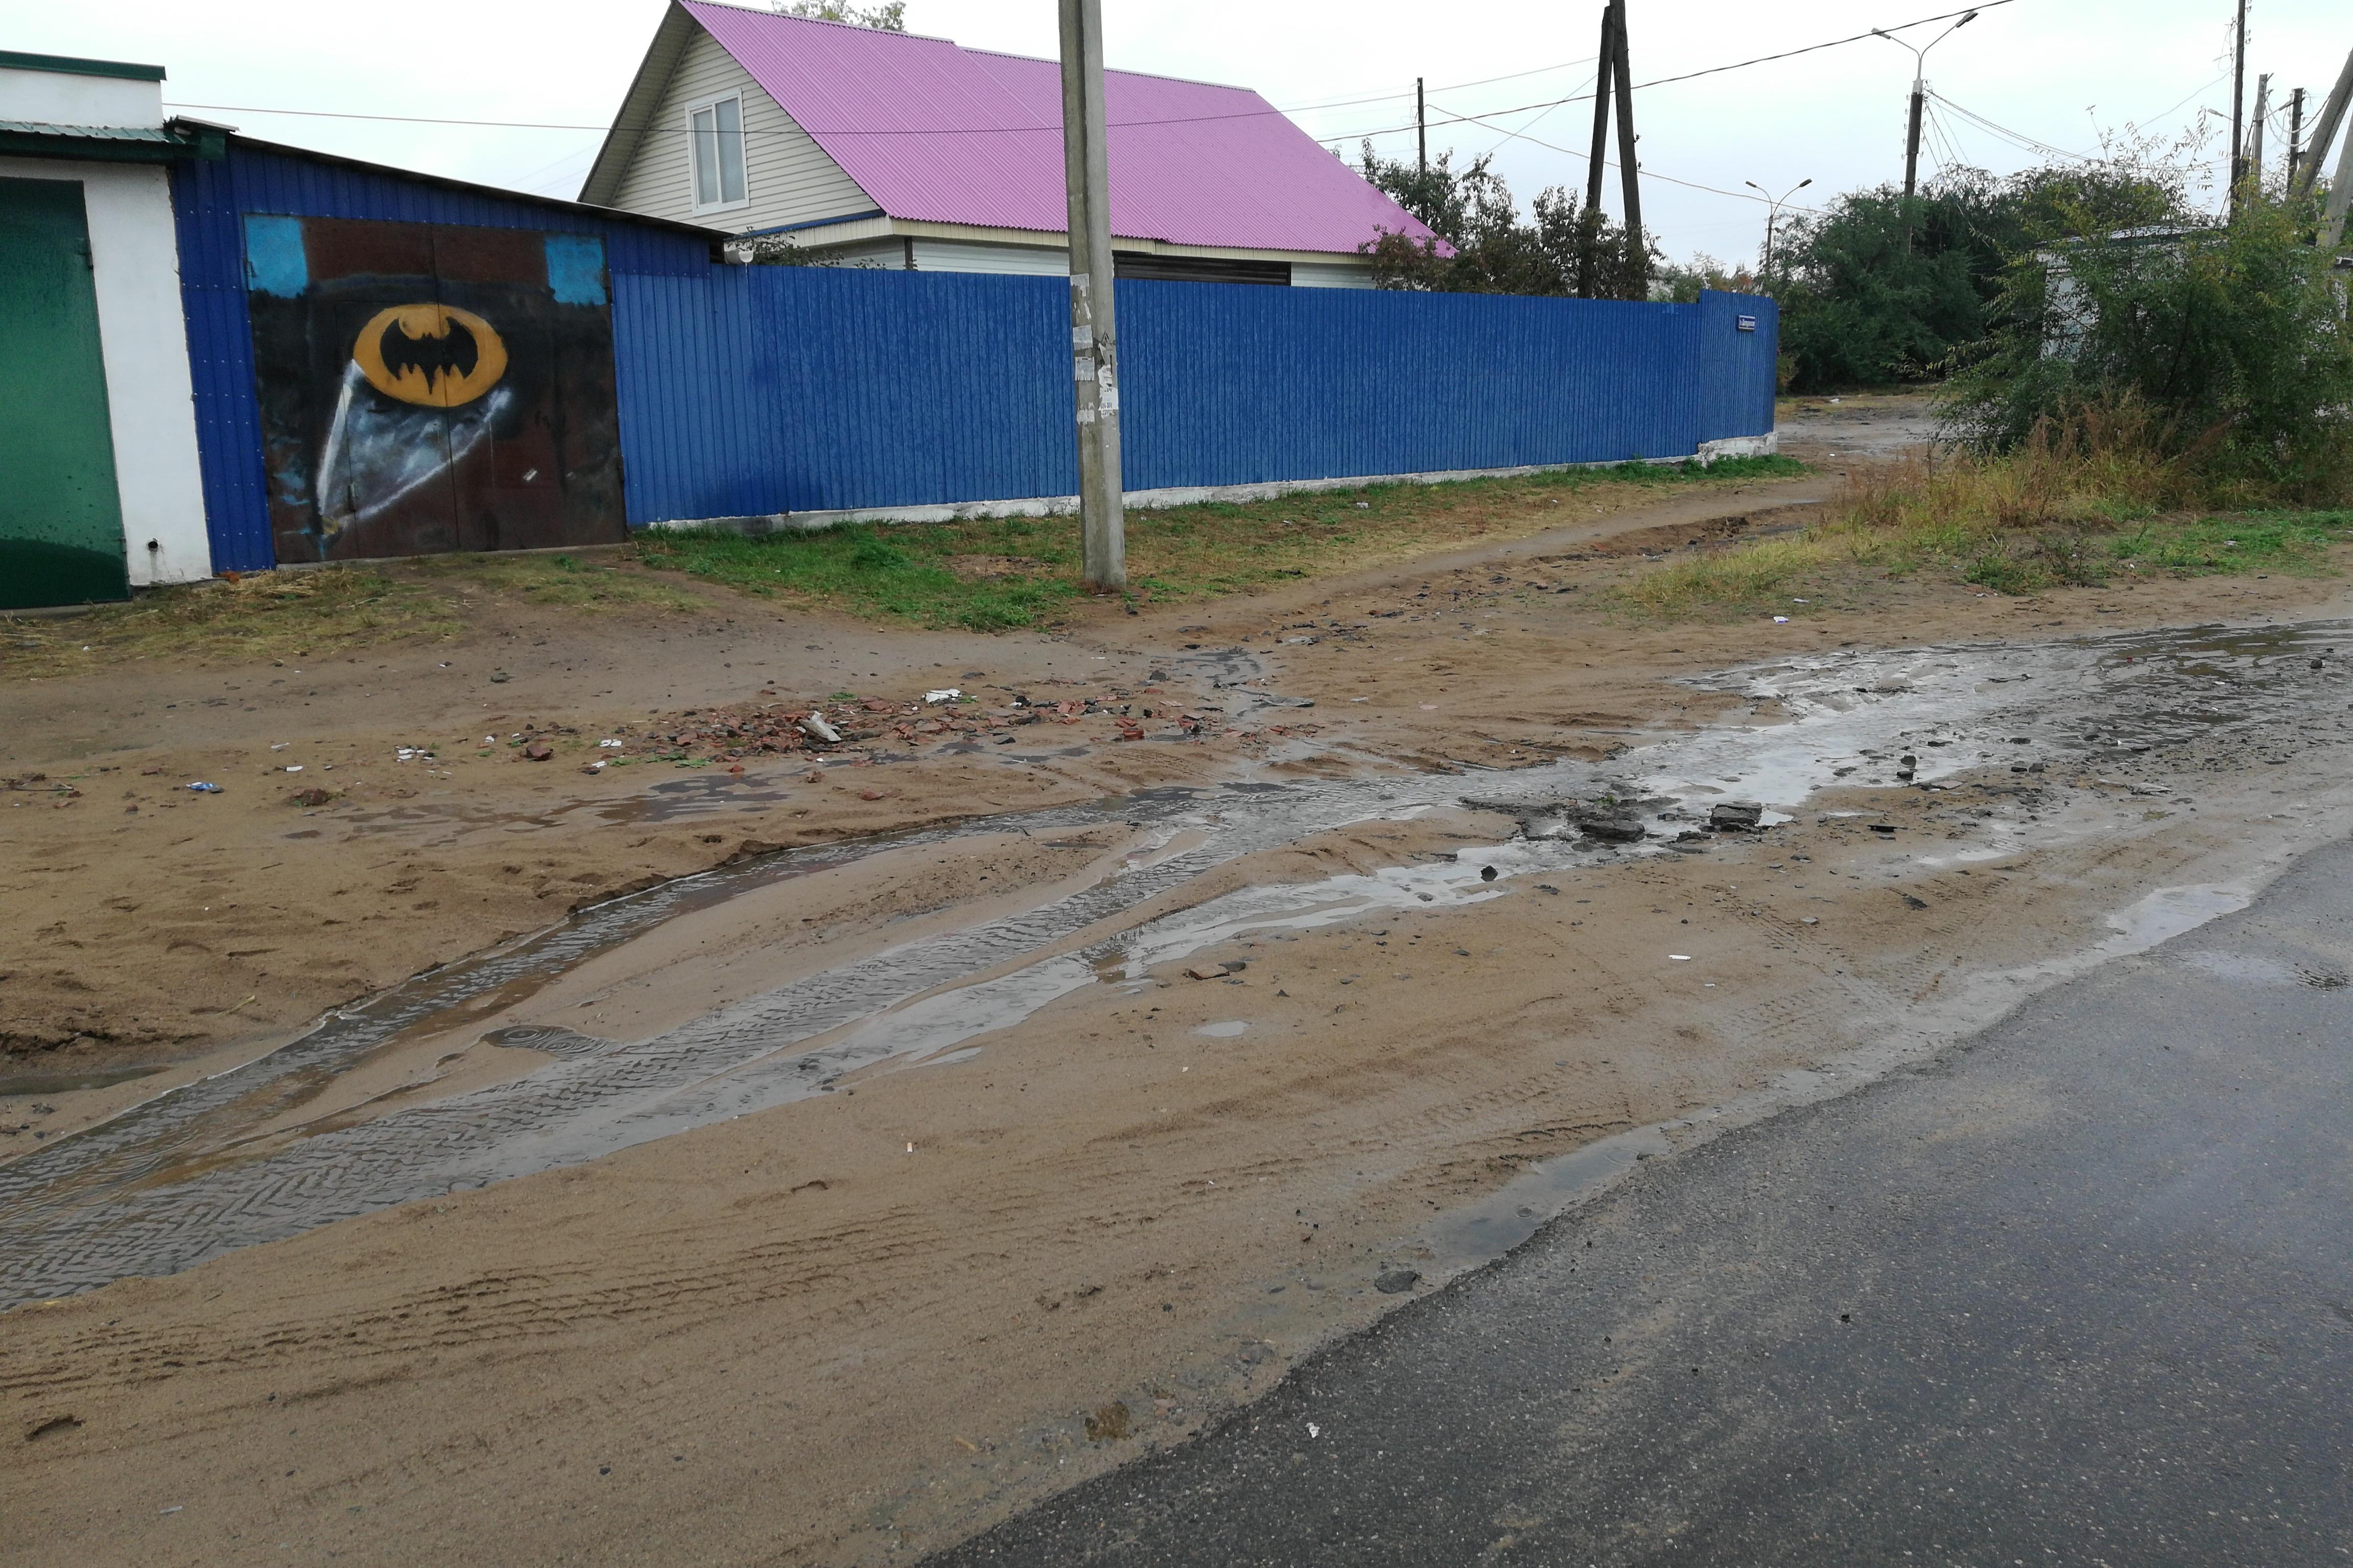 Читинцы пожаловались на «убитую ТГК» и ливнями улицу